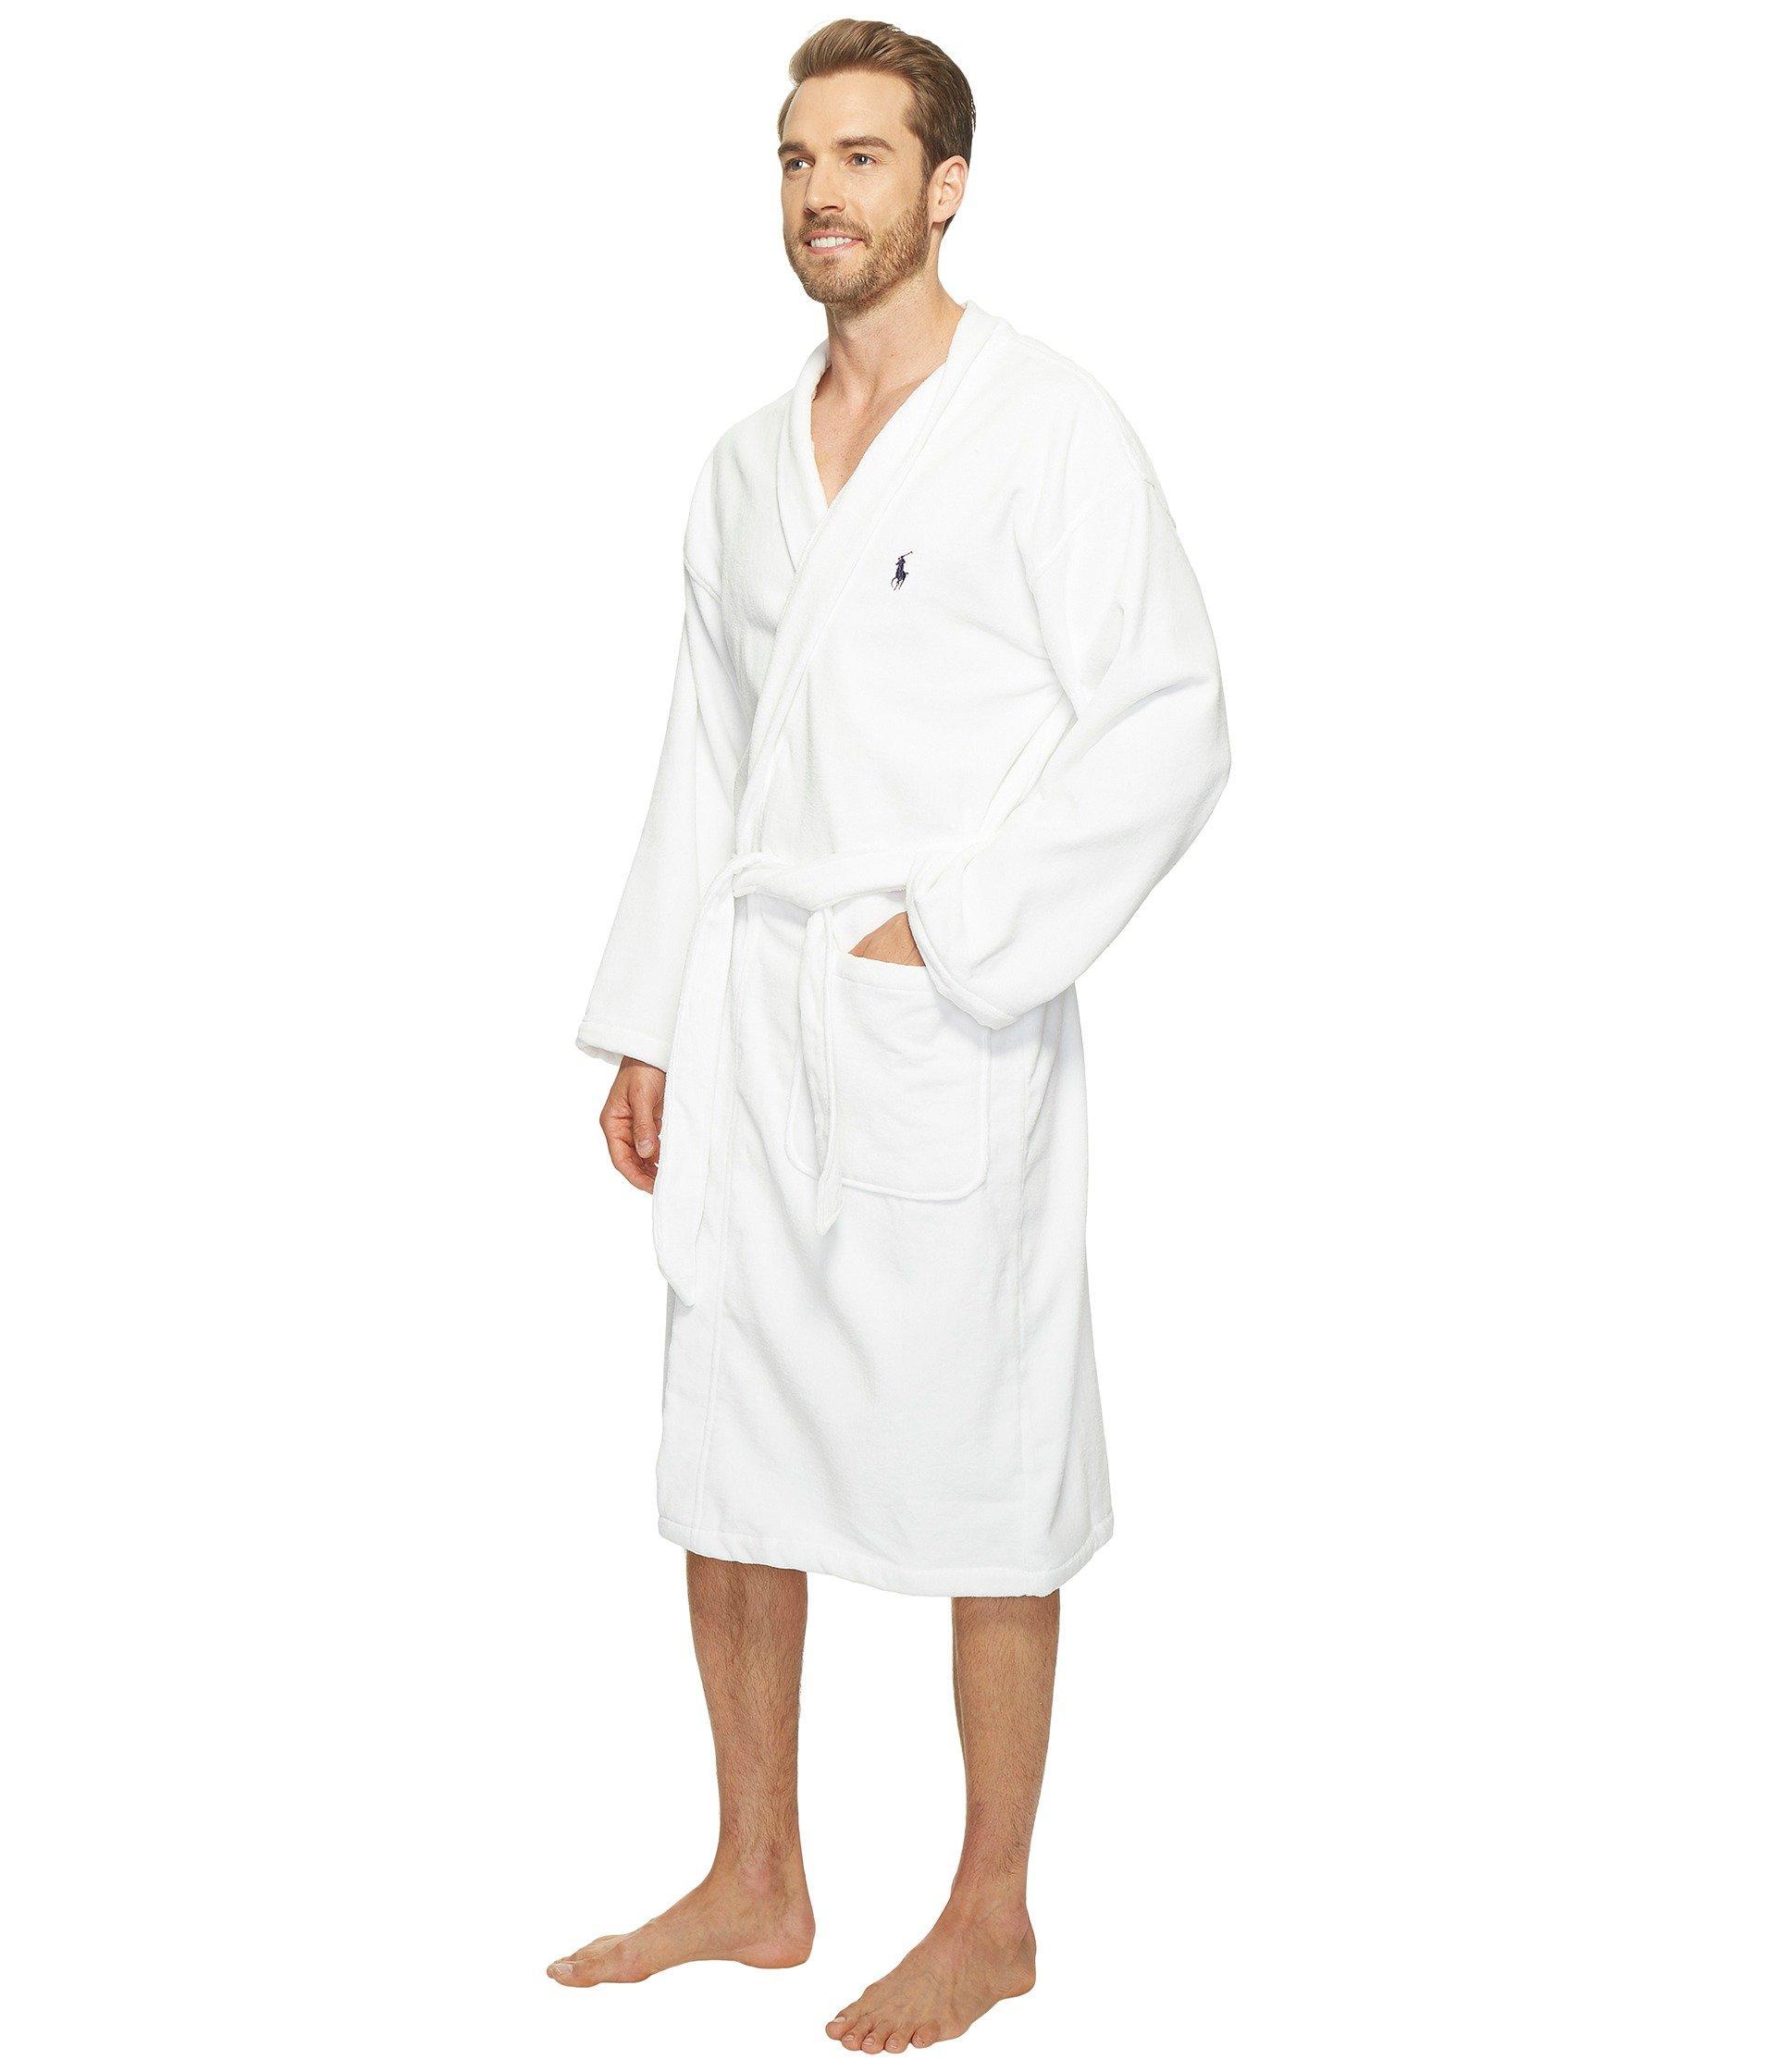 Lyst - Polo Ralph Lauren Terry Shawl Robe (white) Men s Robe in White for  Men 7636314d3